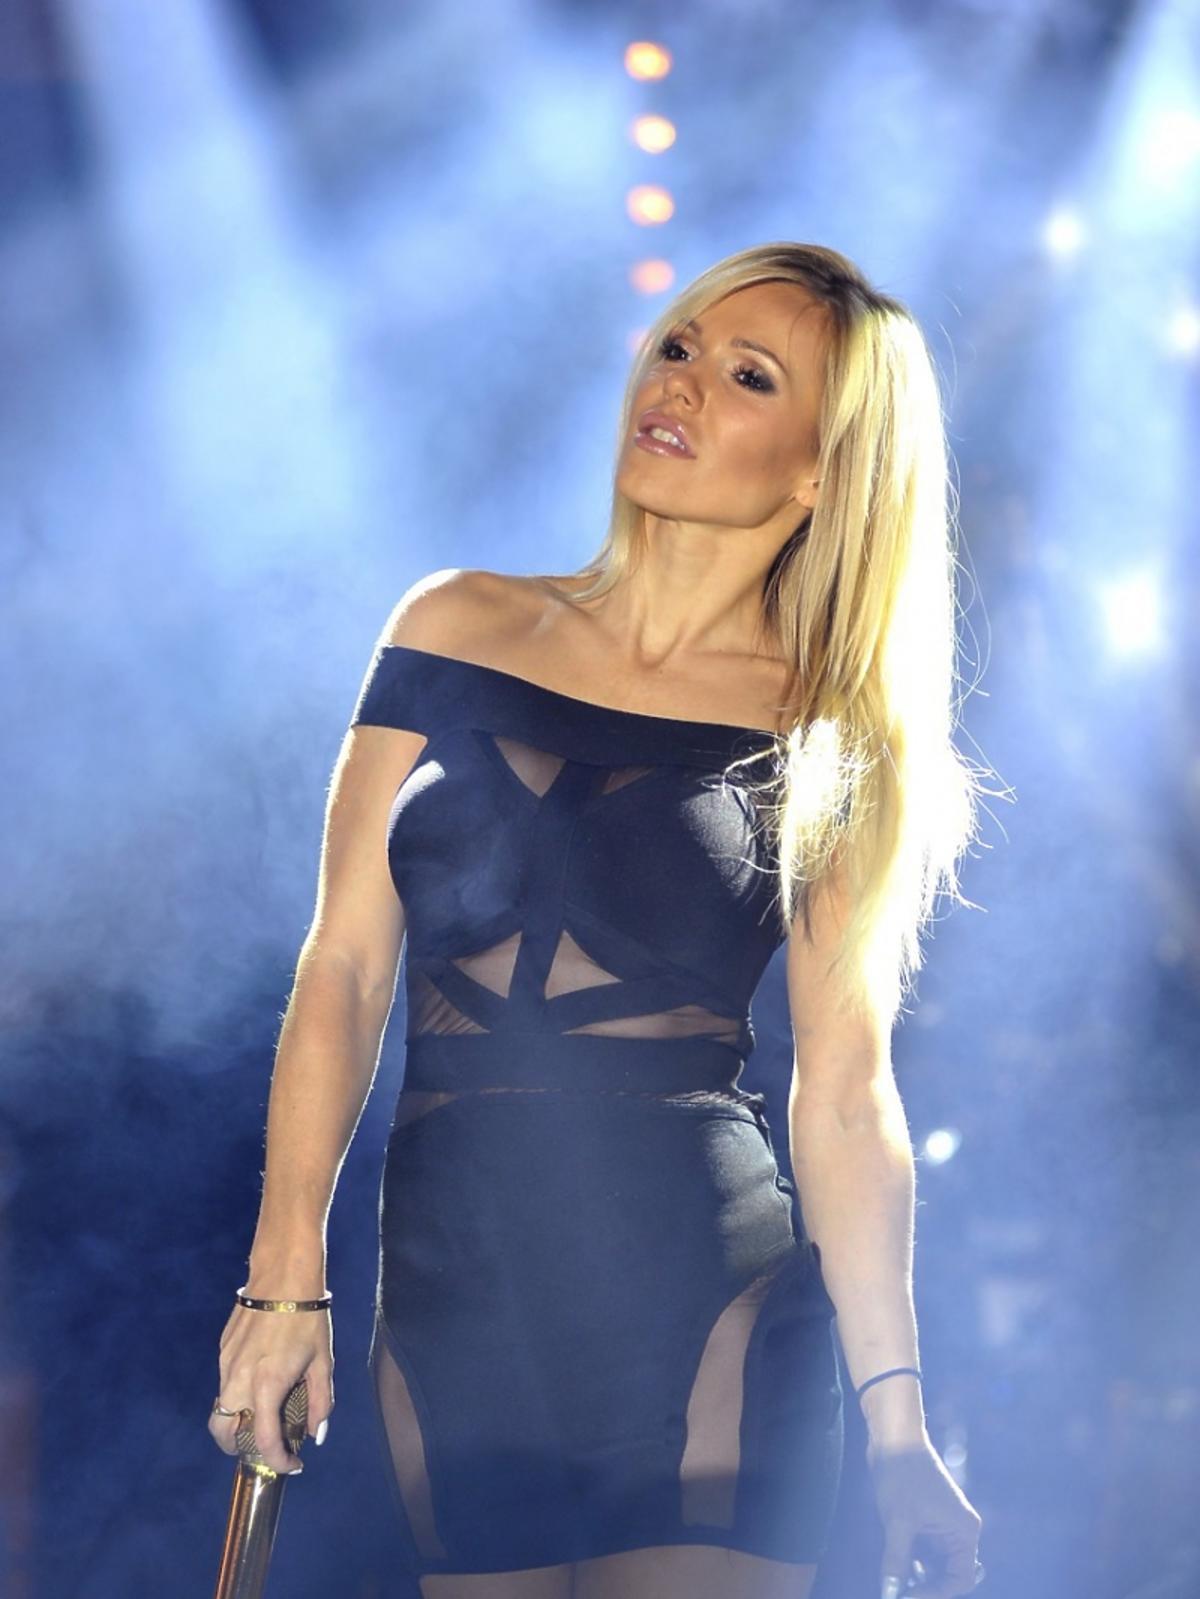 Doda w skórzanym czarnej sukience na koncert w Centrum handlowym Plejada